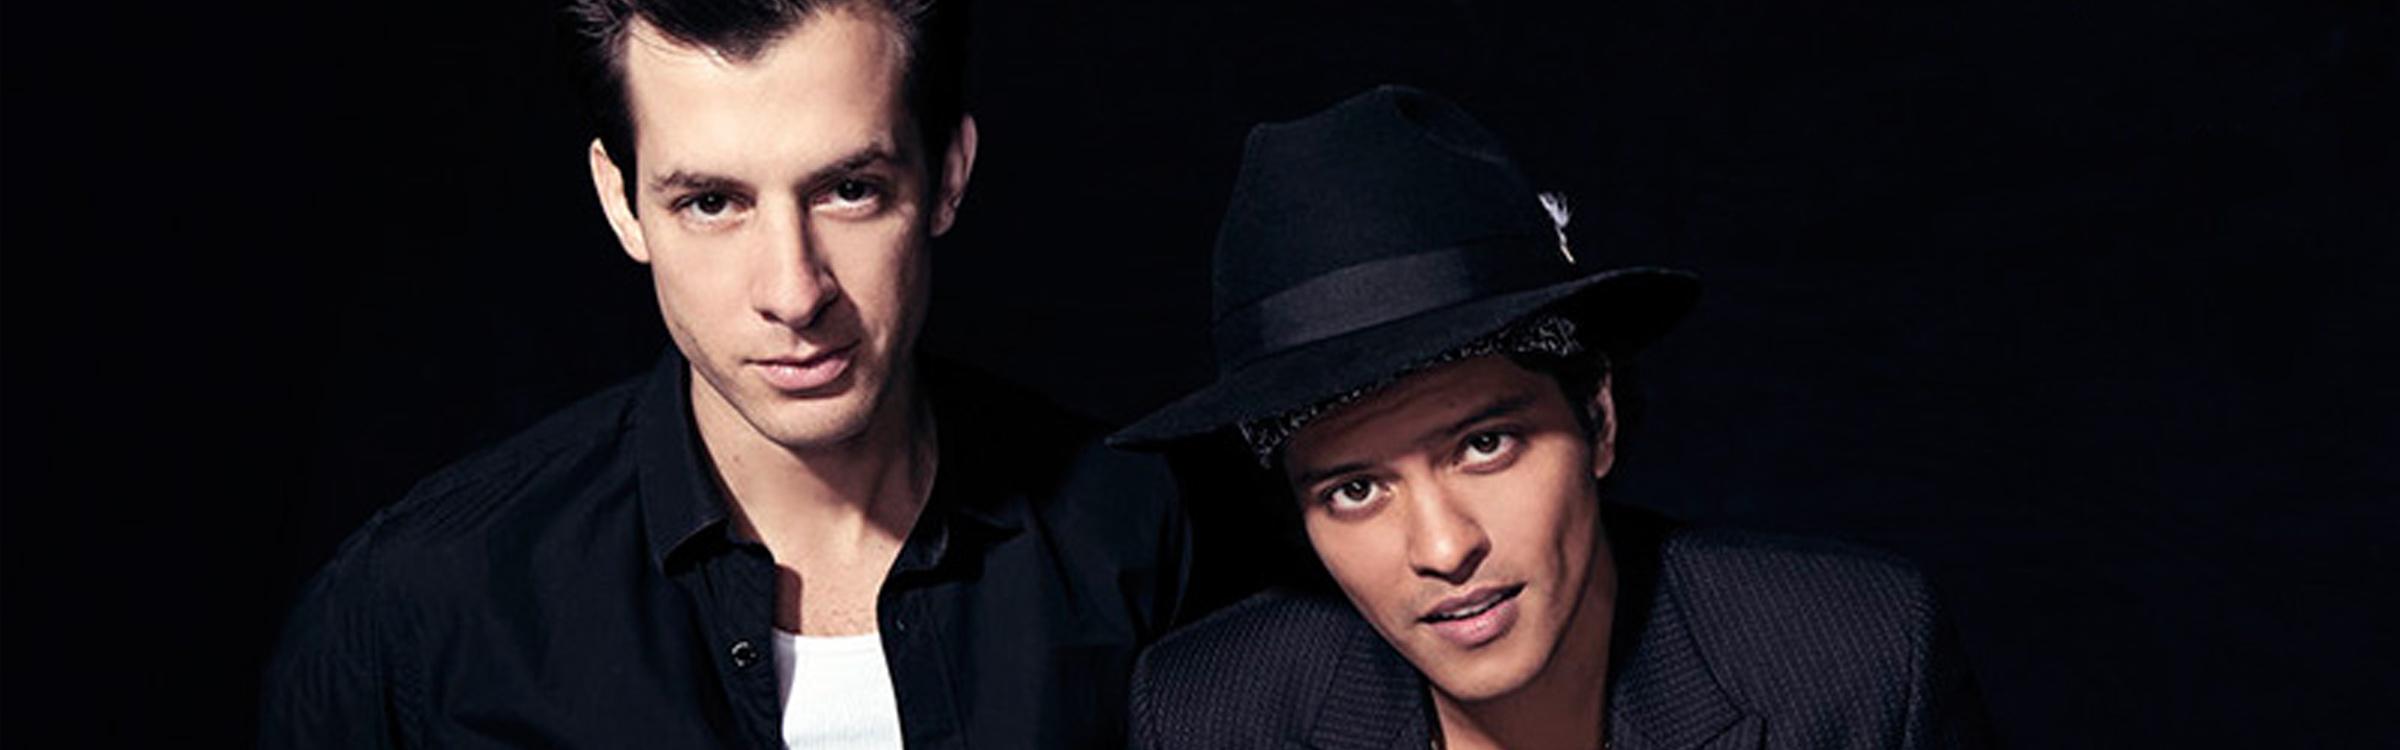 Bruno mark header